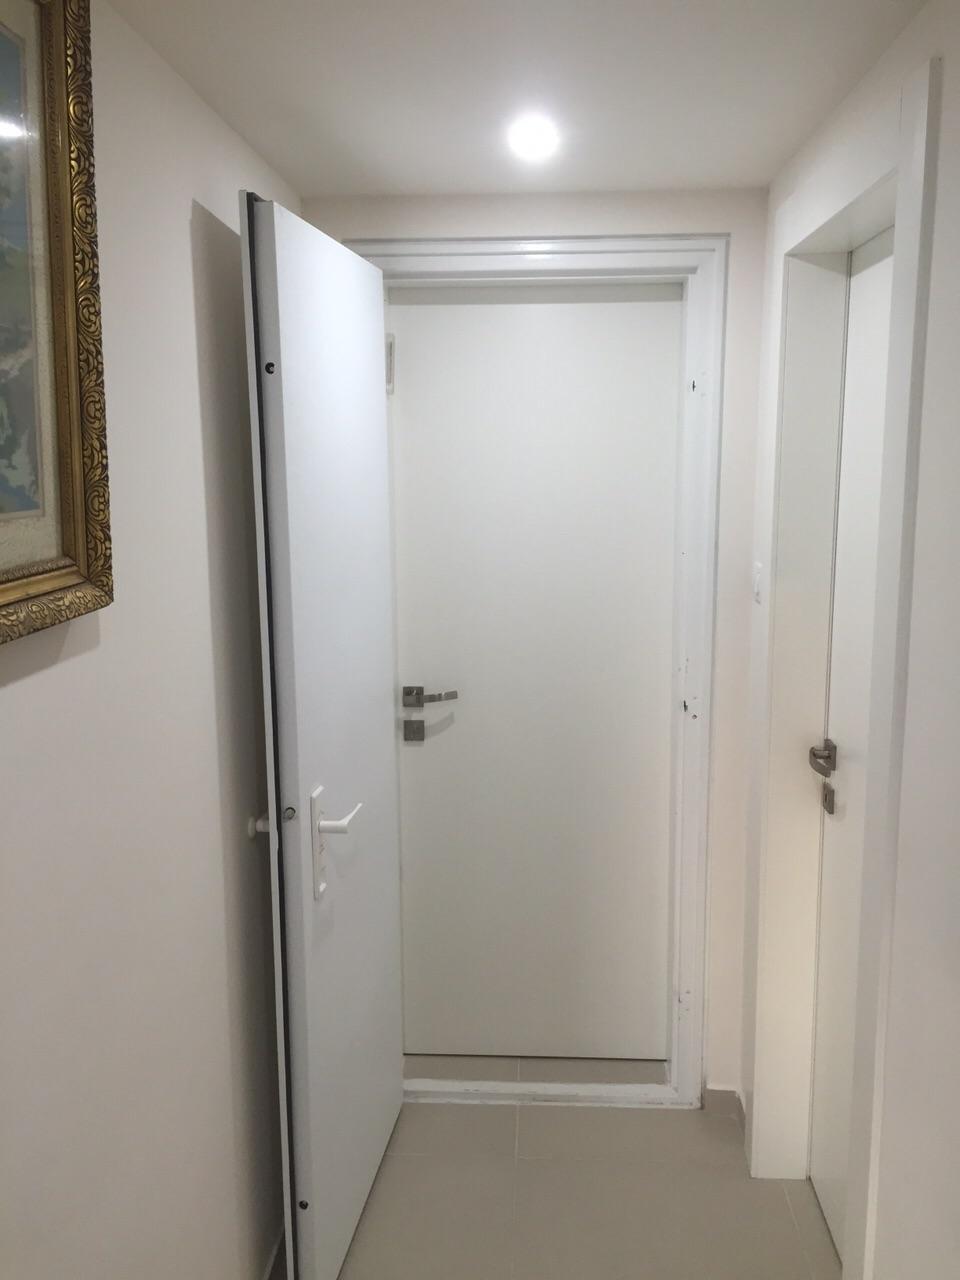 דלת פנים לממד